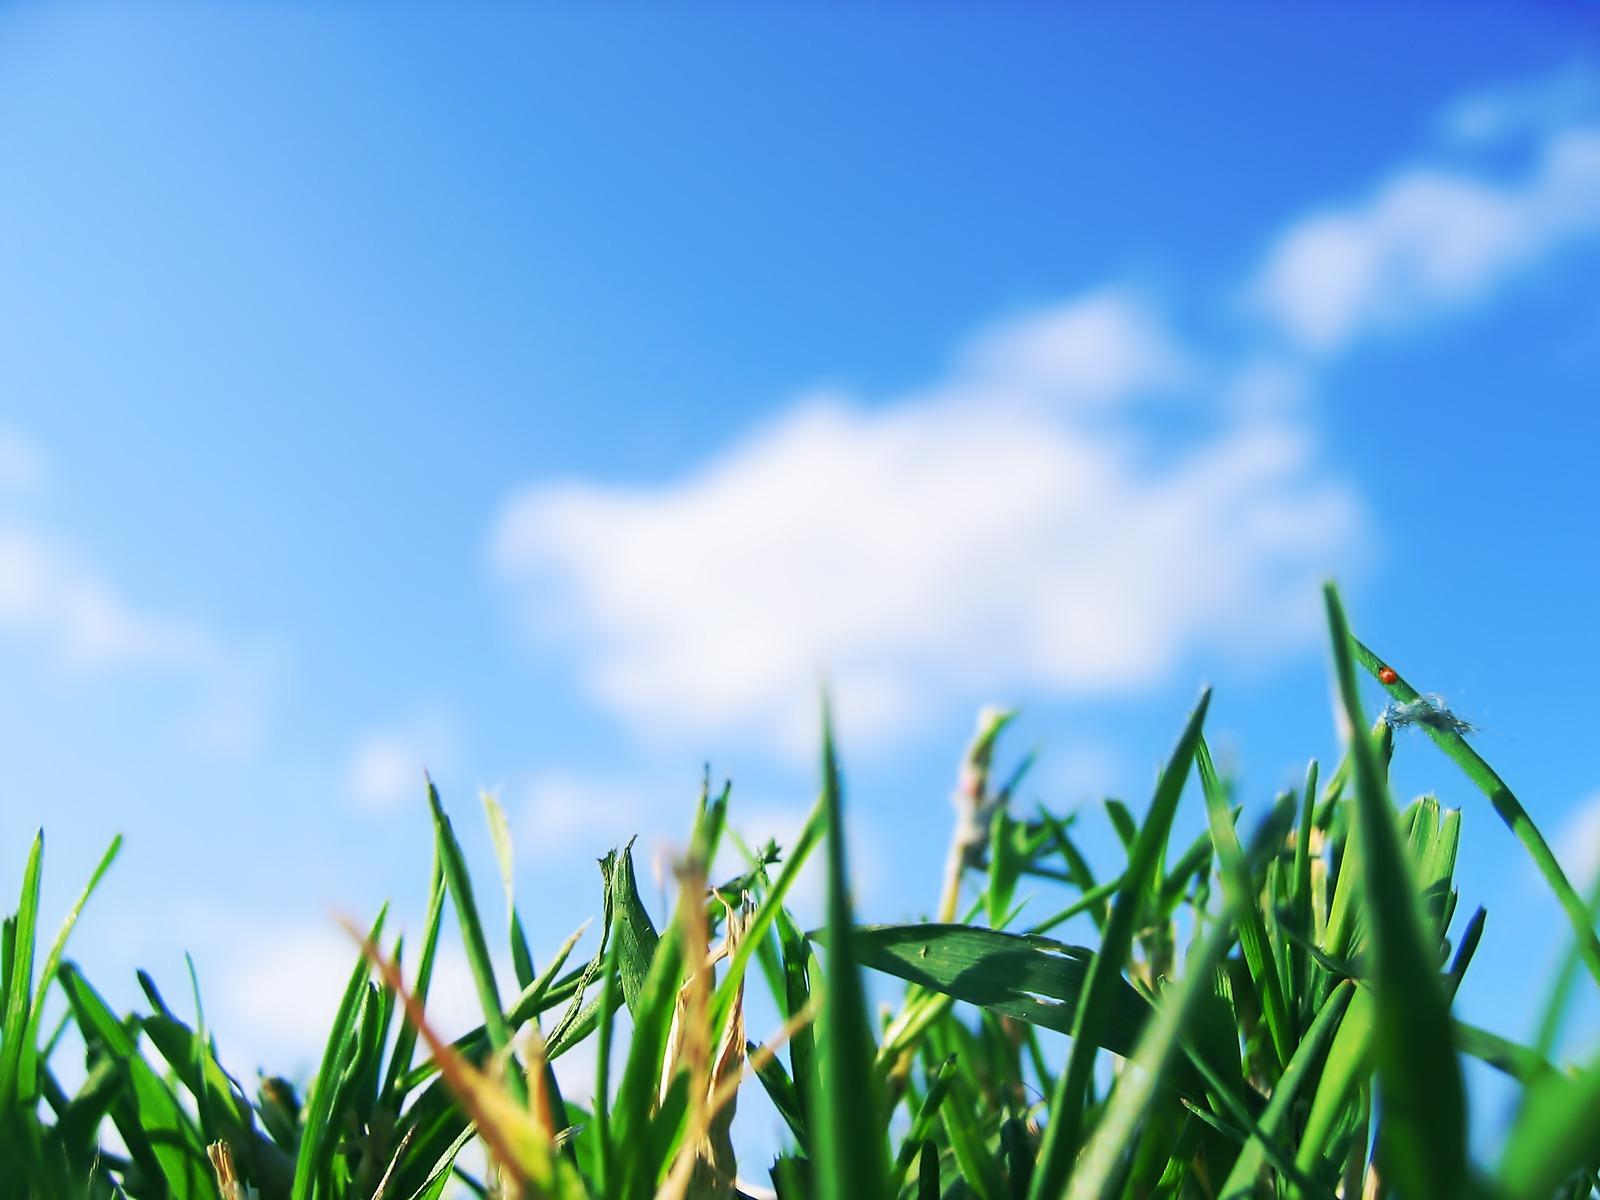 http://1.bp.blogspot.com/-R8LO_VQUixE/ThfkGQOs7mI/AAAAAAAAAOw/rtDZQmg8JvQ/s1600/Grassy_Stuff_1600_x_1200.jpg